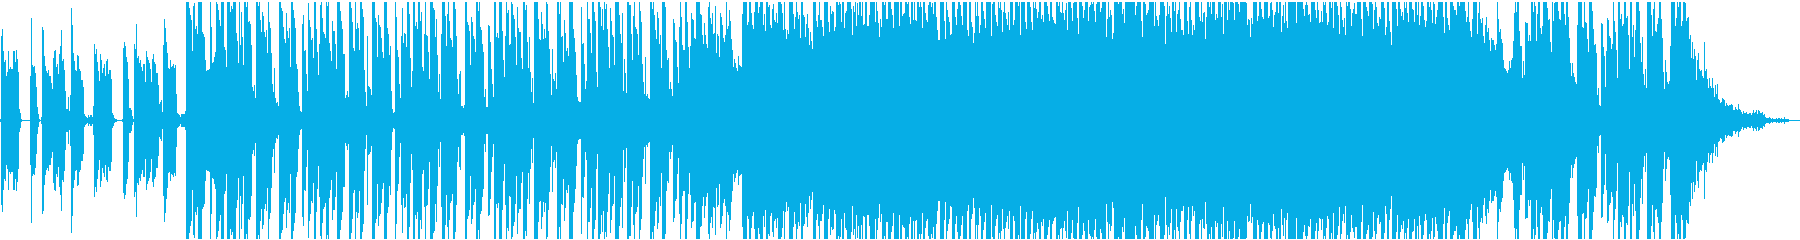 ファンク スタイリッシュ さわやか...の再生済みの波形